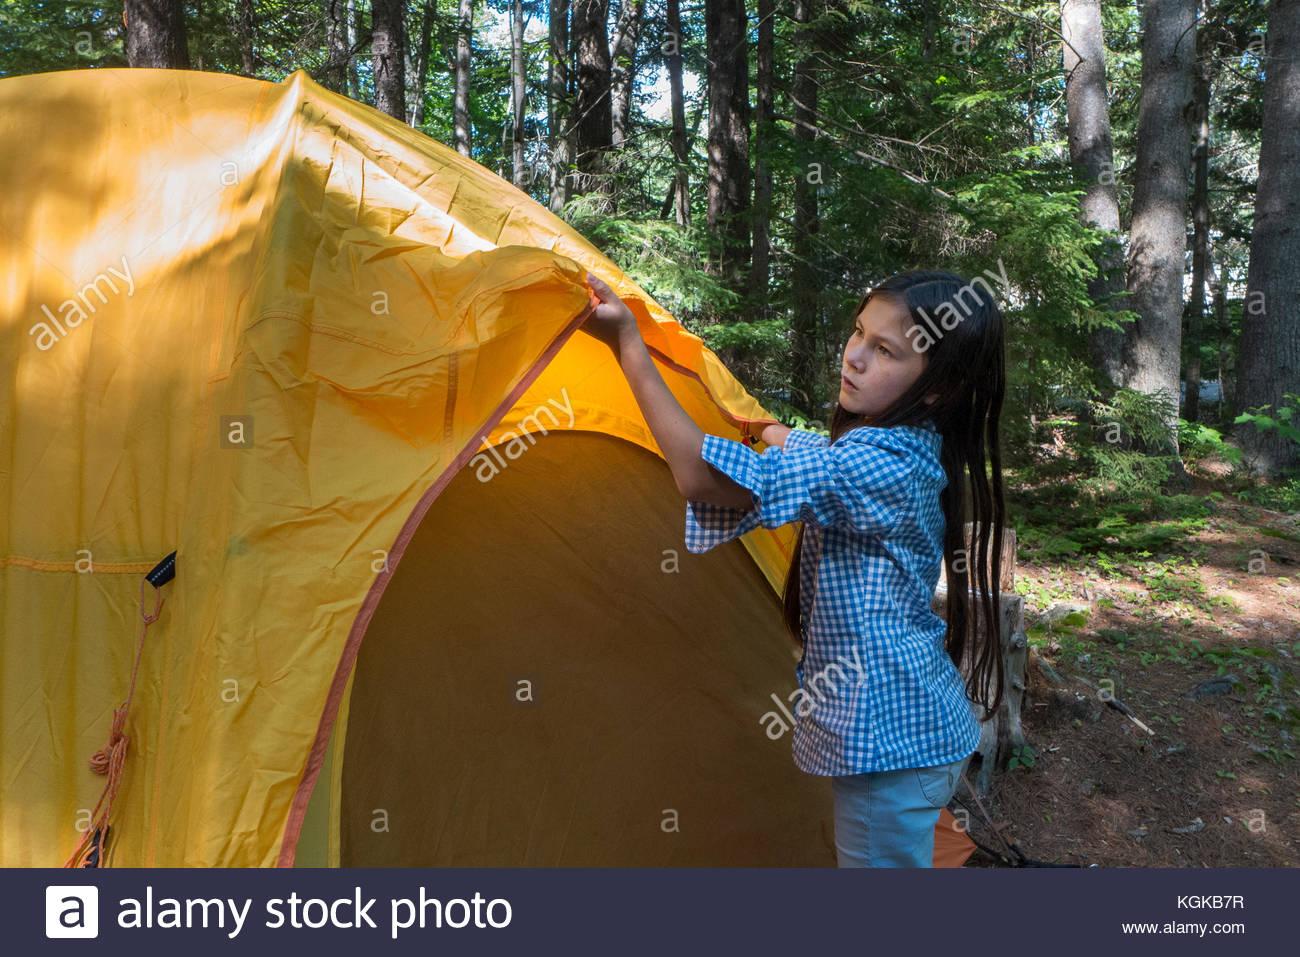 Una giovane ragazza imposta una tenda in un campeggio. Immagini Stock